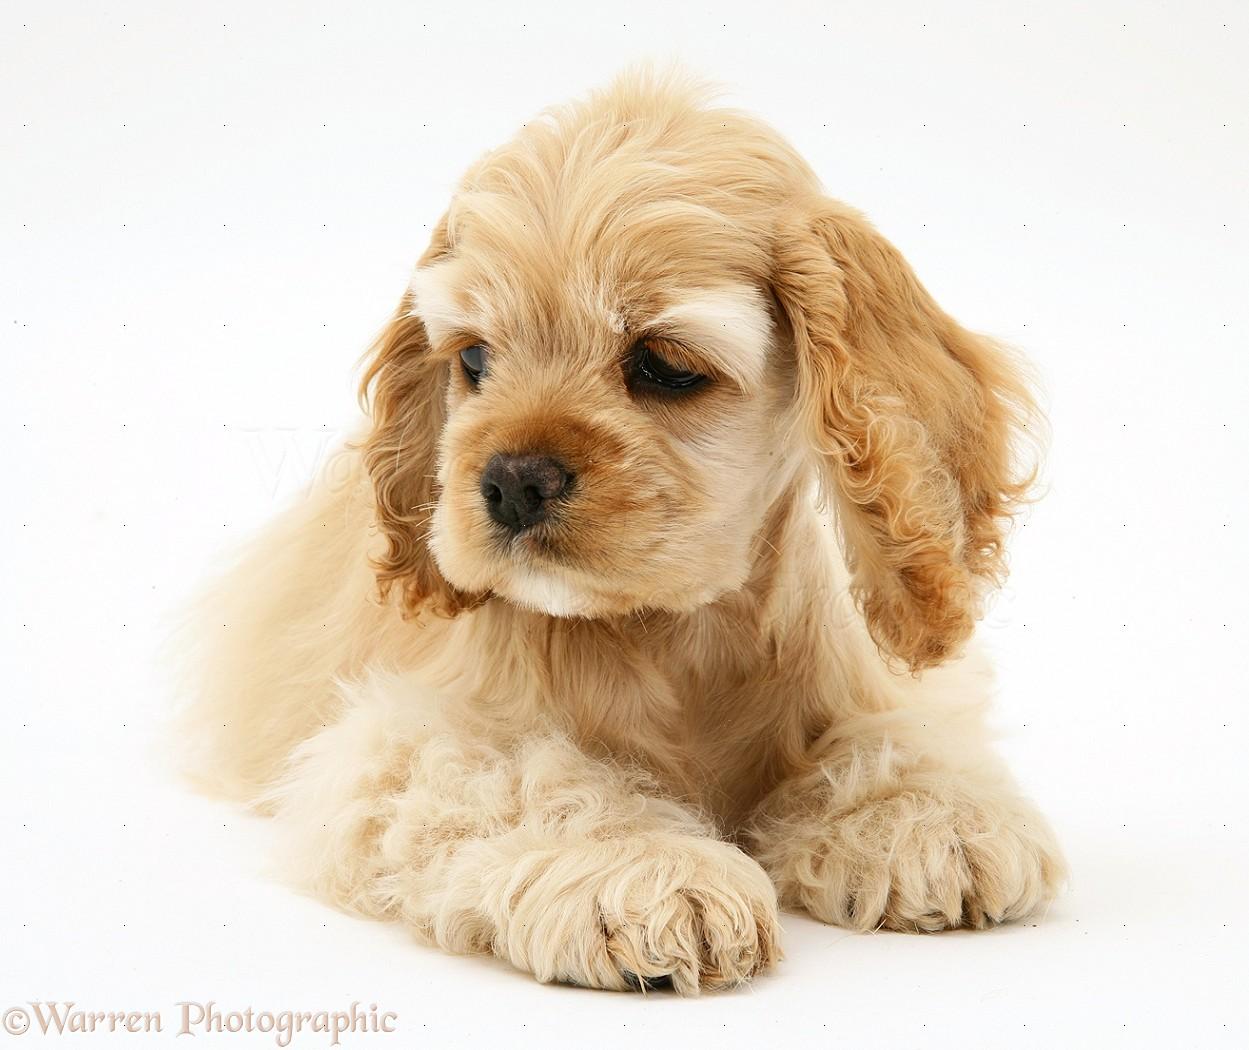 Cute American Cocker Spaniel Puppies: Cute Buff American Cocker Spaniel Pup Breed